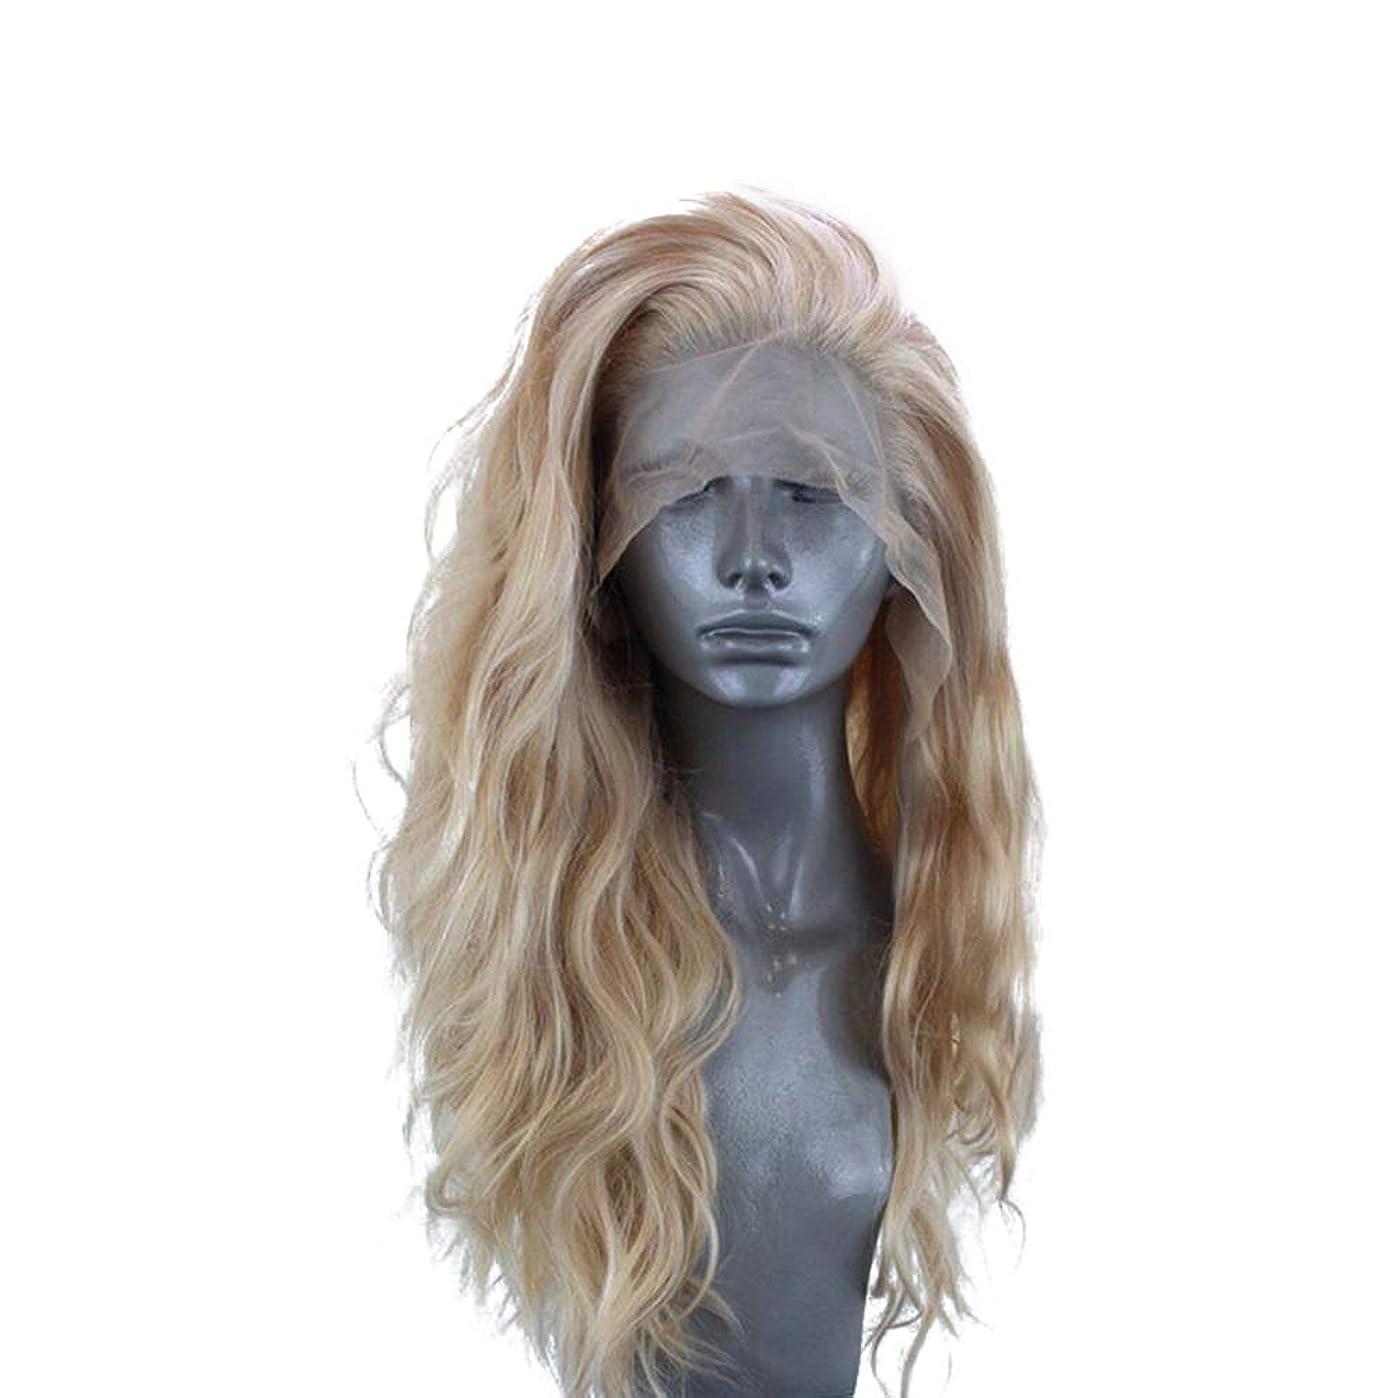 ZXF 26インチ半手織りかつら女性ヨーロッパとアメリカの化学繊維フロントレースフードセットリネン長い巻き毛を染めることはできません 美しい